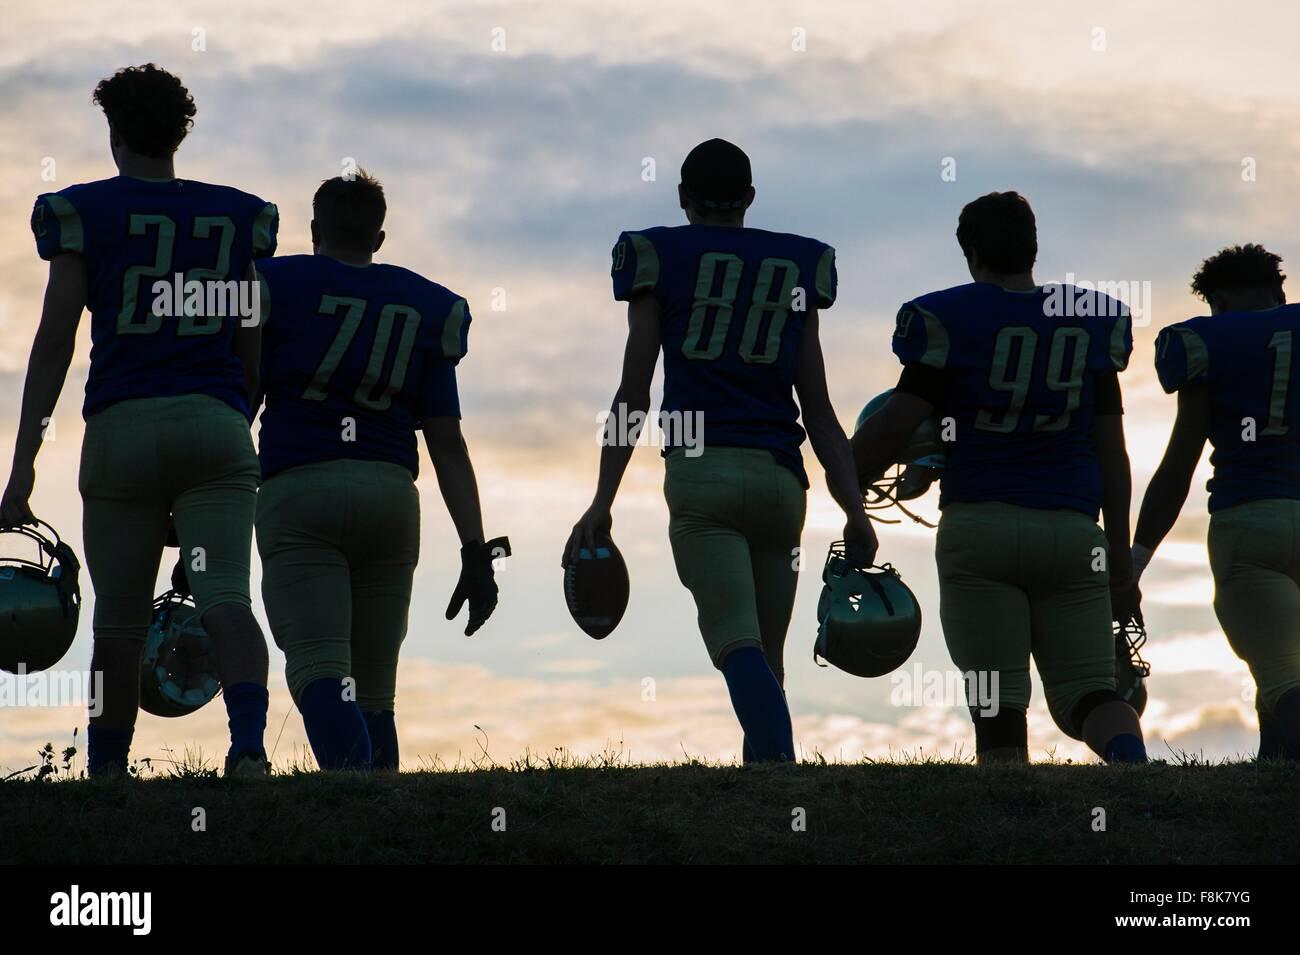 Groupe de jeunes joueurs de football américain marche loin, vue arrière Photo Stock